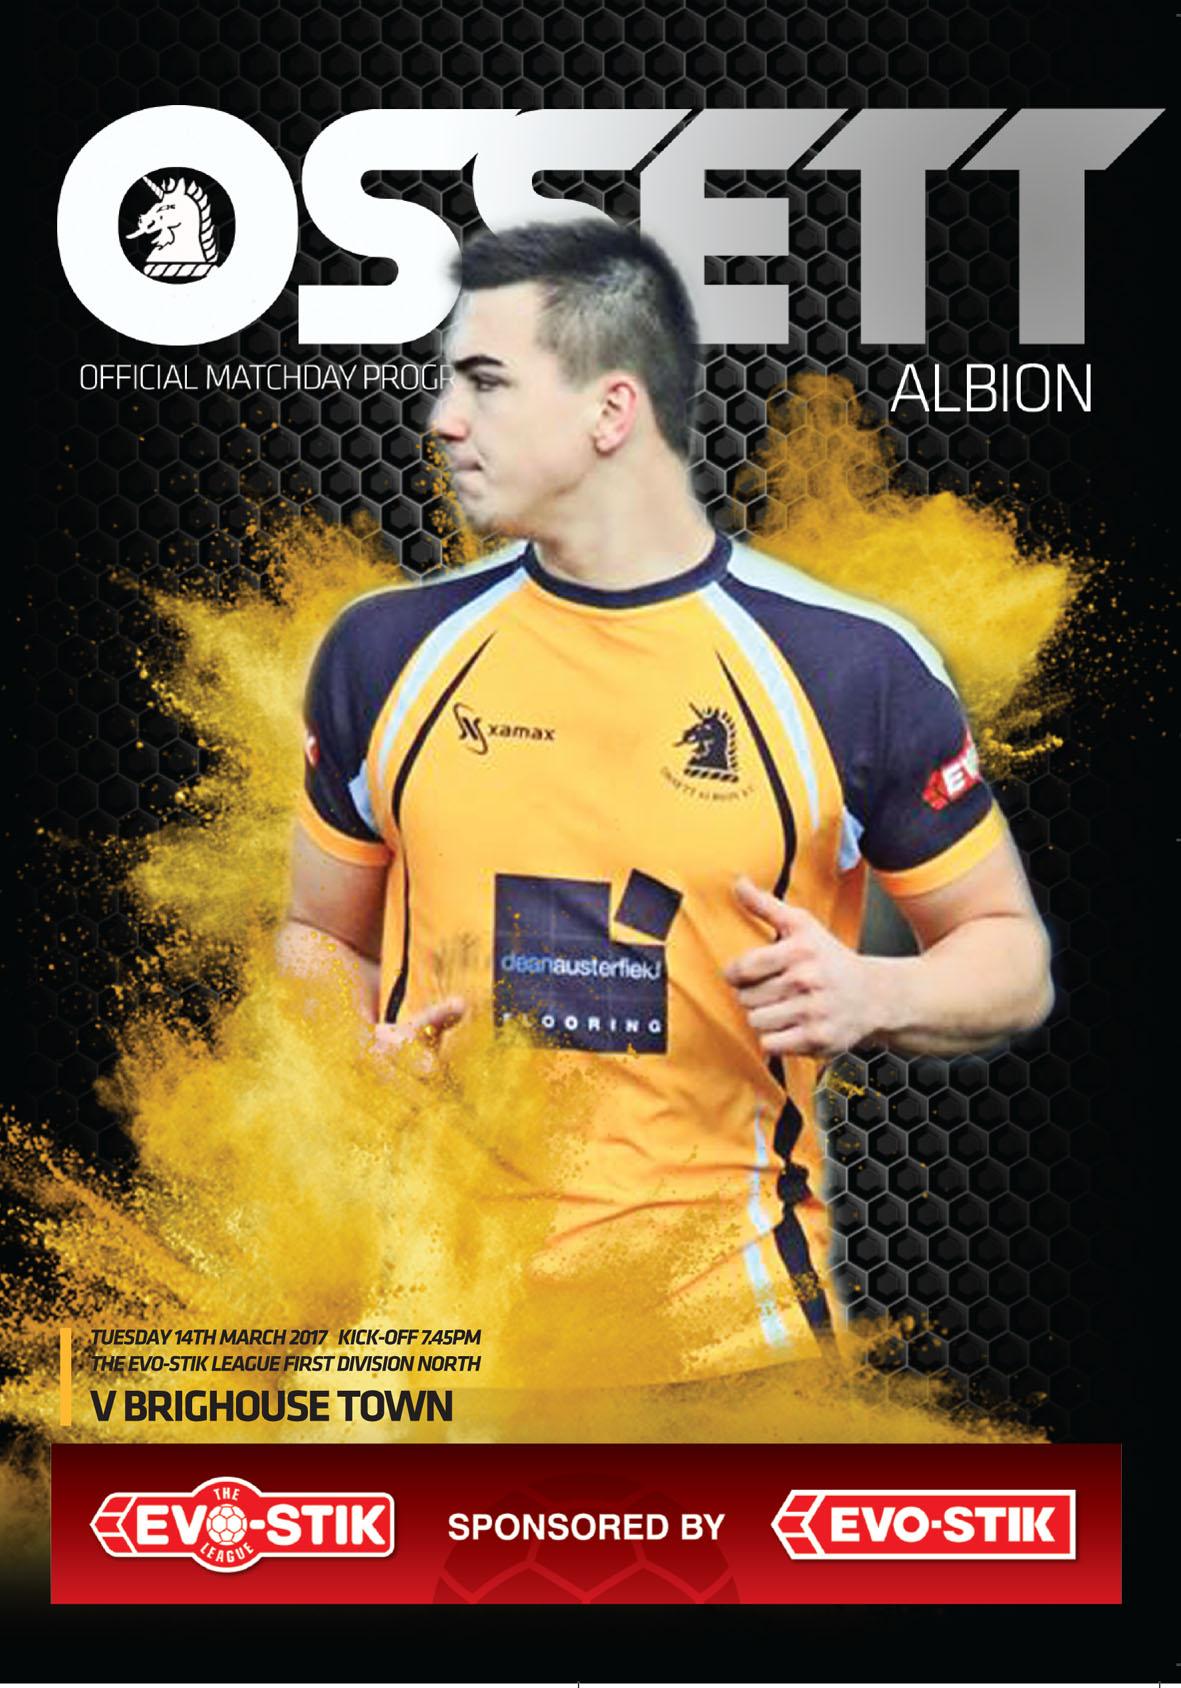 Ossett Albion FC